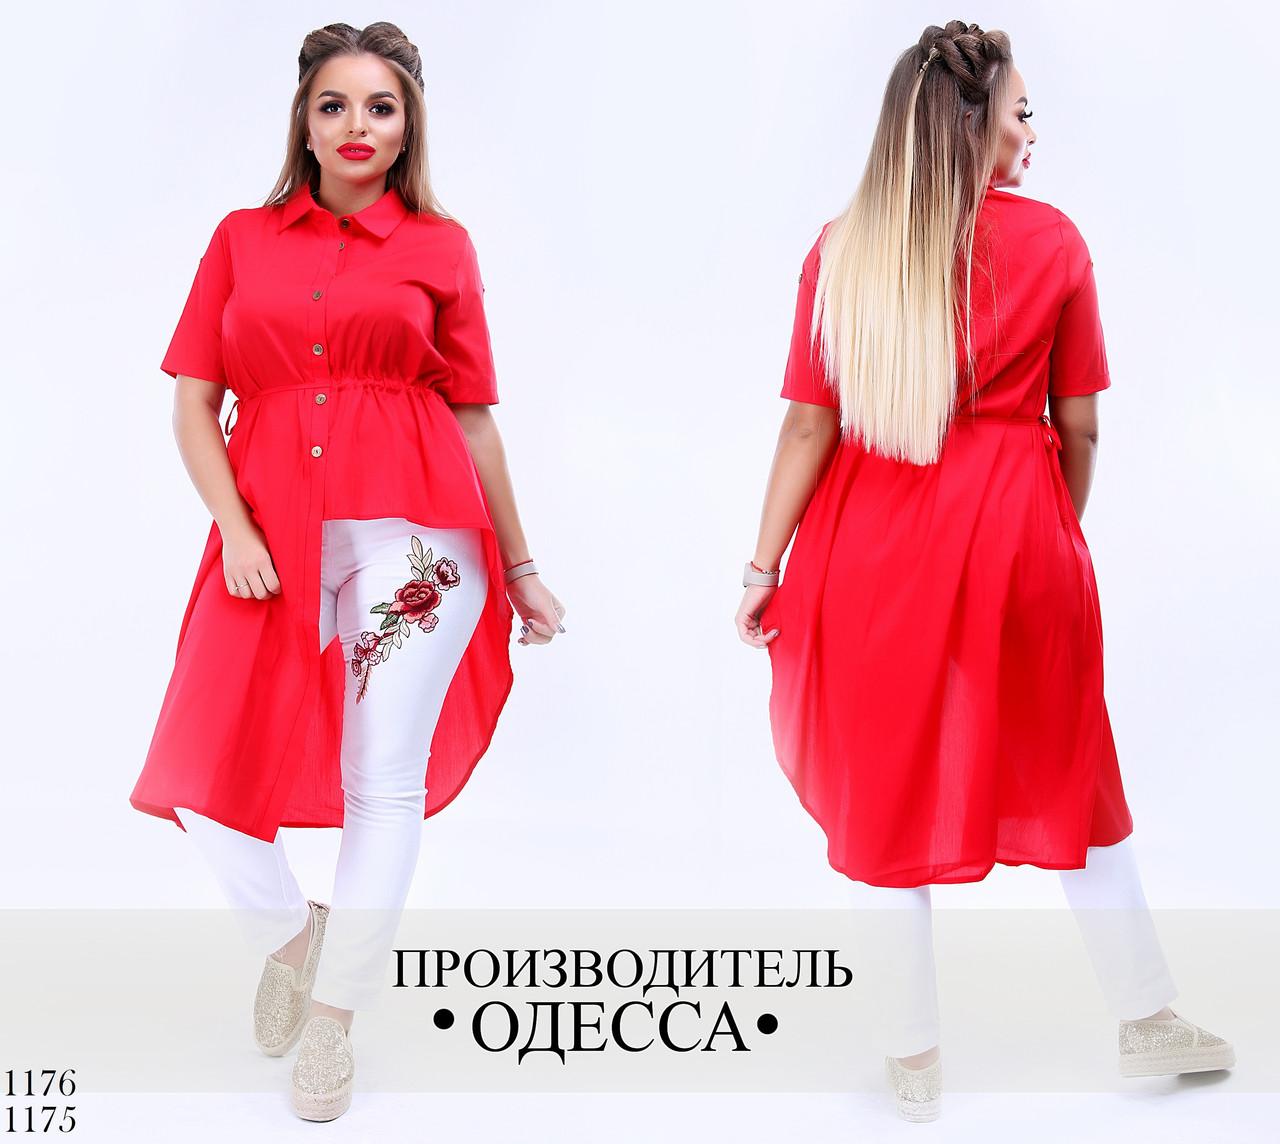 Джинсы Женские Купить Одесса